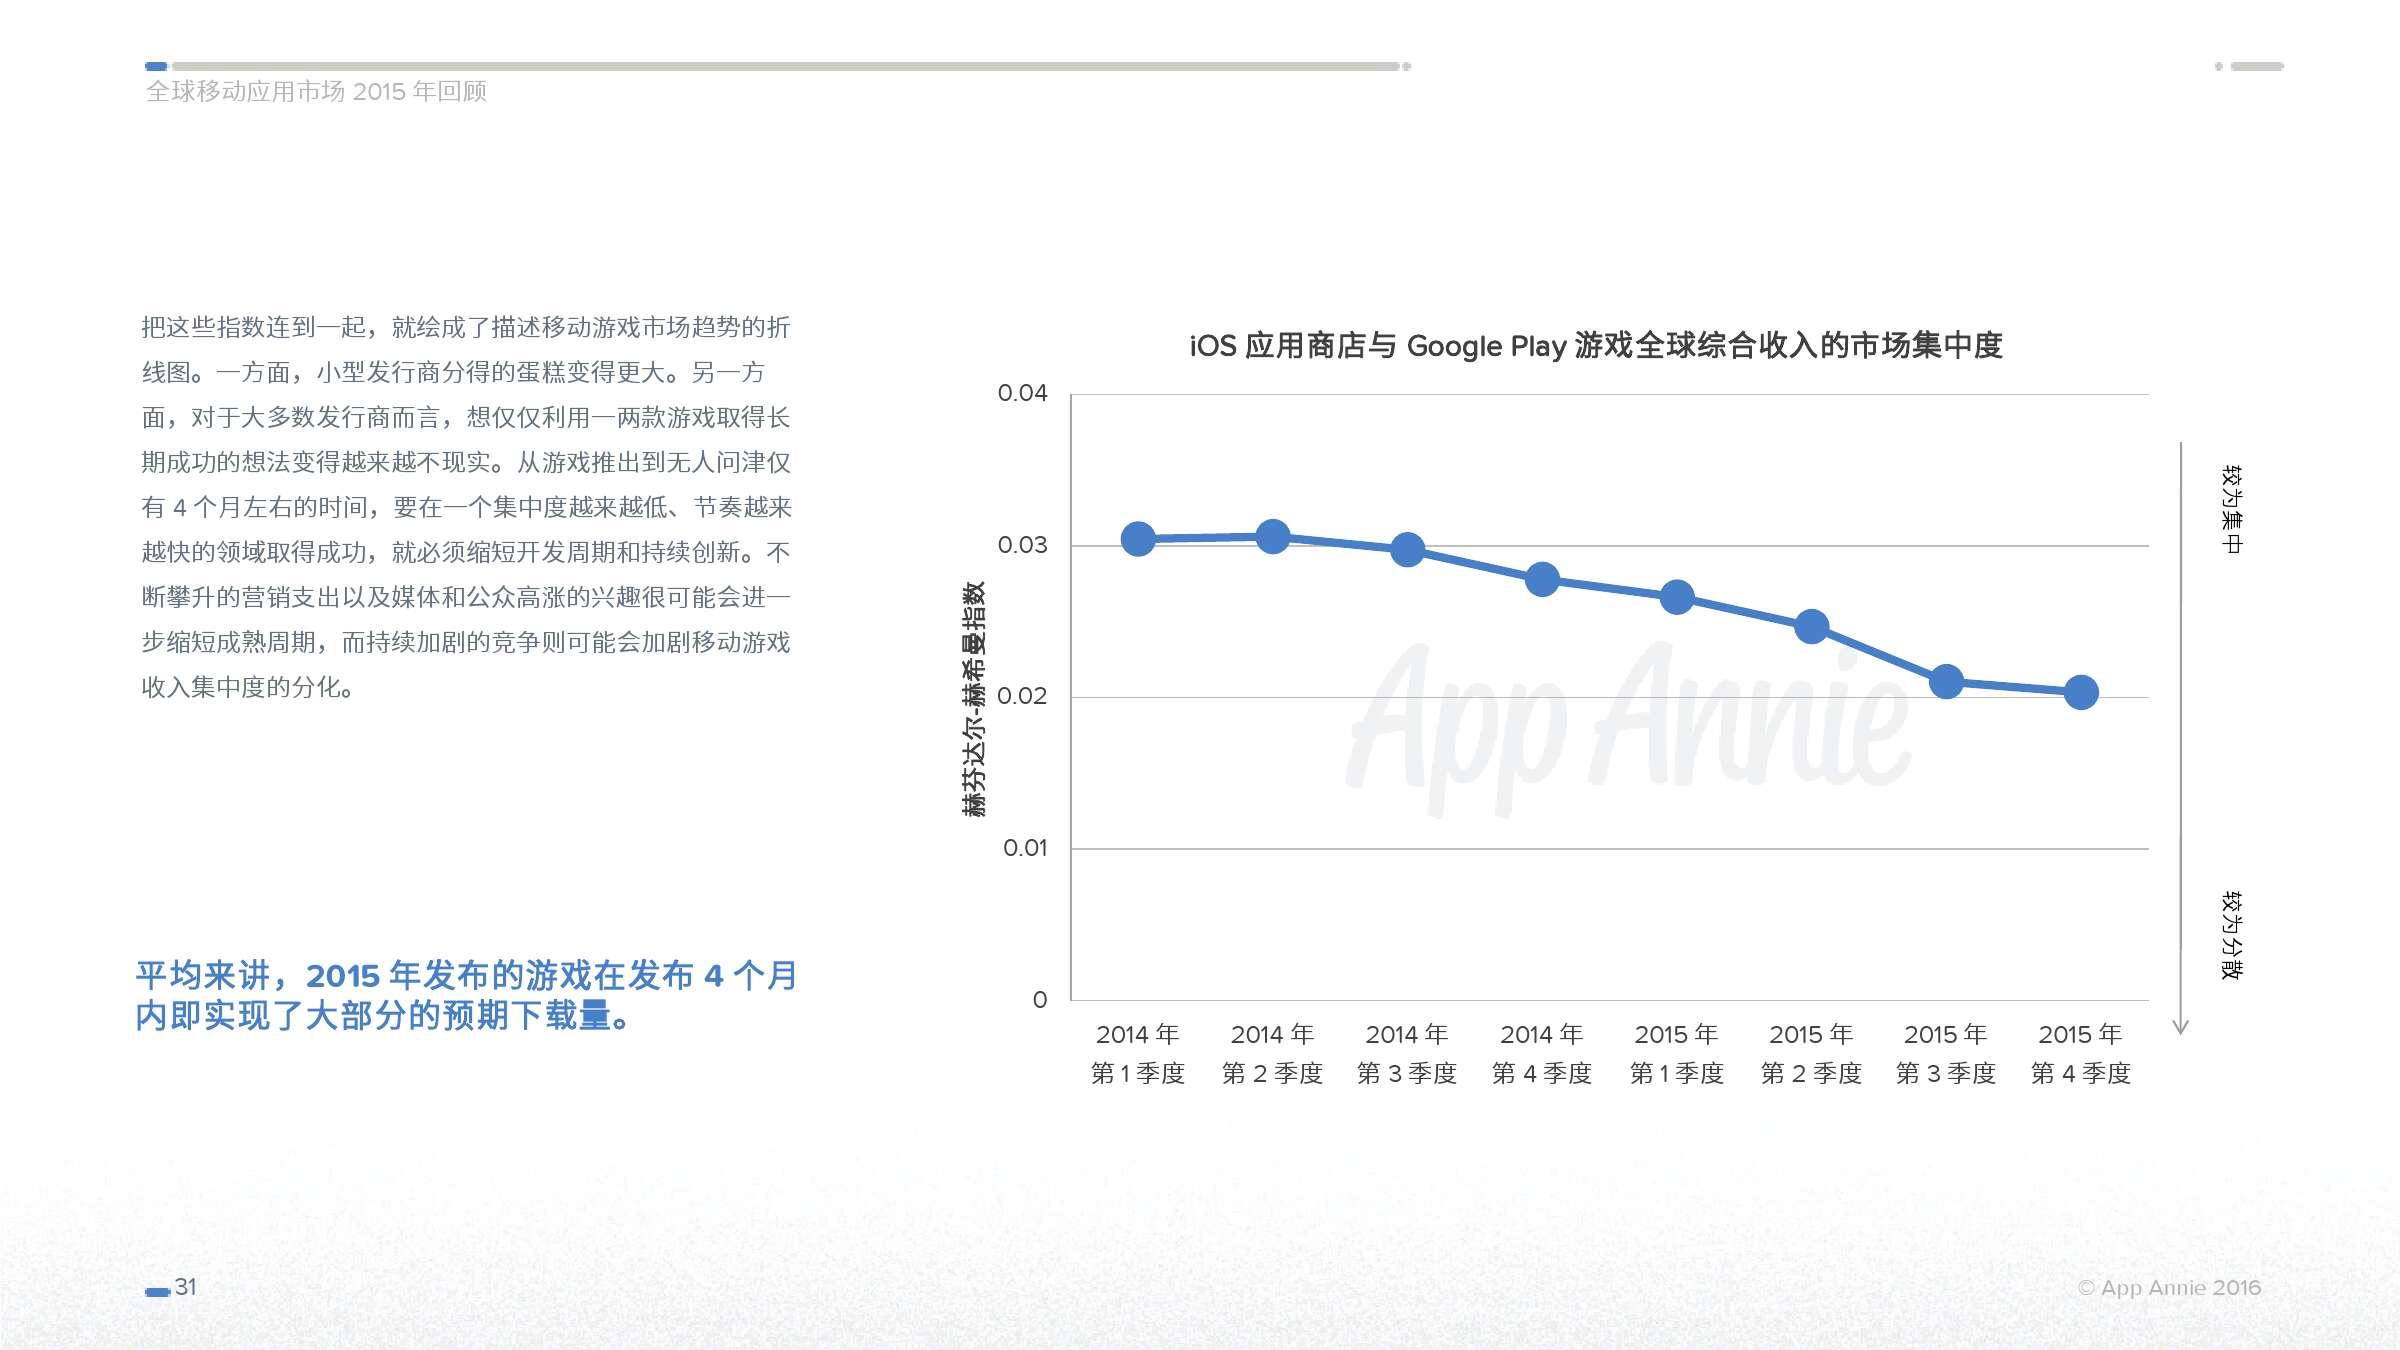 App Annie 全球移动应用市场 2015 年回顾_000031